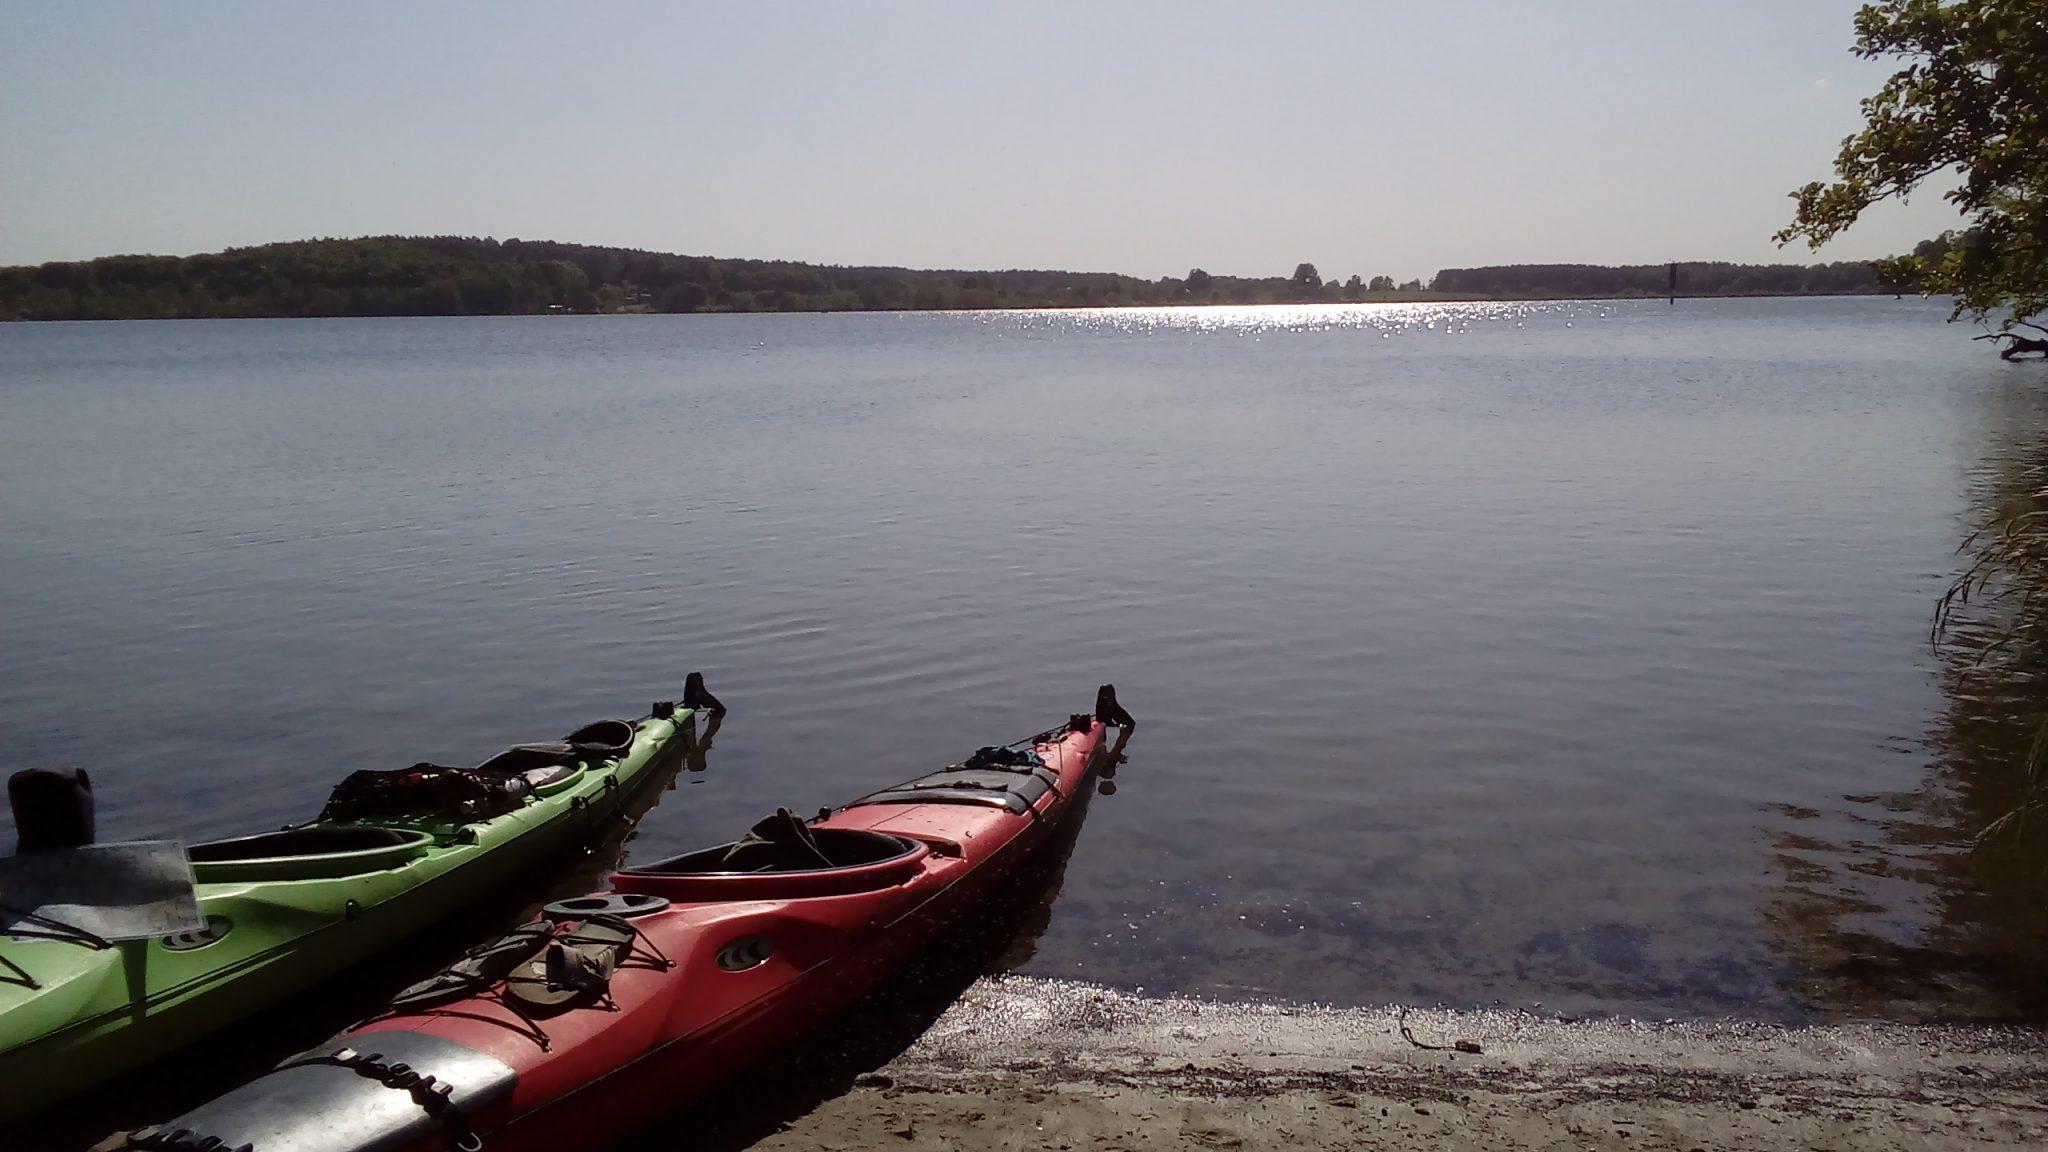 https://kayak24.de/wp-content/uploads/2017/02/kajaktouren_potsdam_töplitz_paddeltour_1.jpg